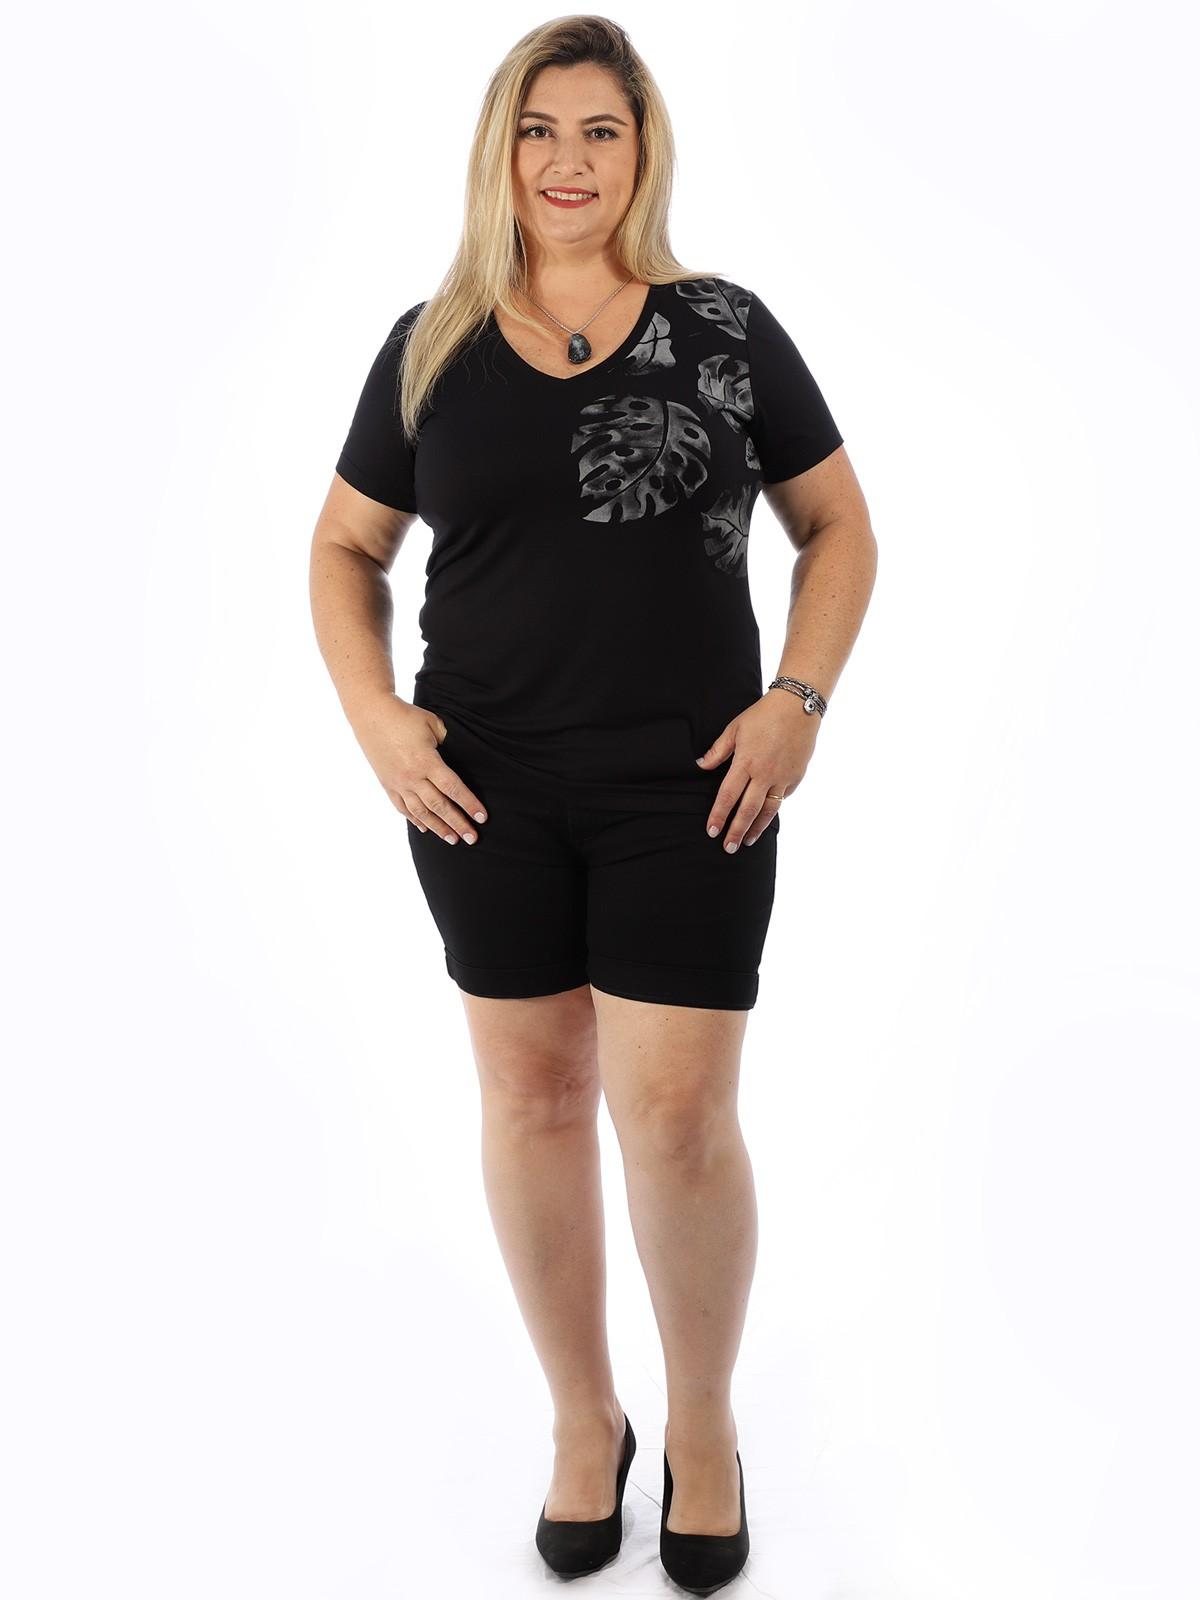 Blusa Plus Size Feminina Decote V. Viscolycra Folhas Preta